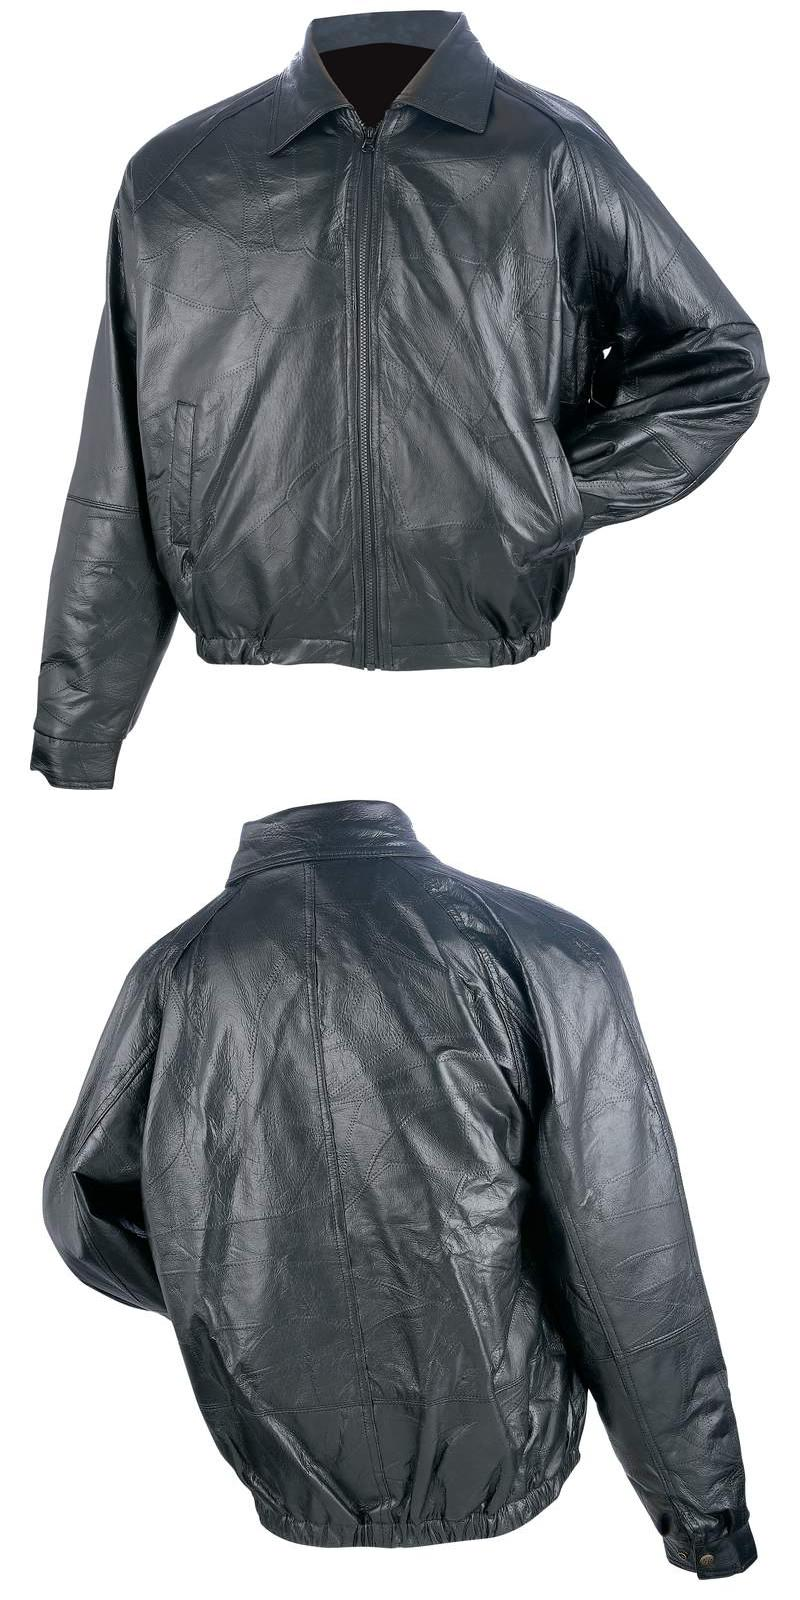 Leather Bomber Jackets (GFBC)